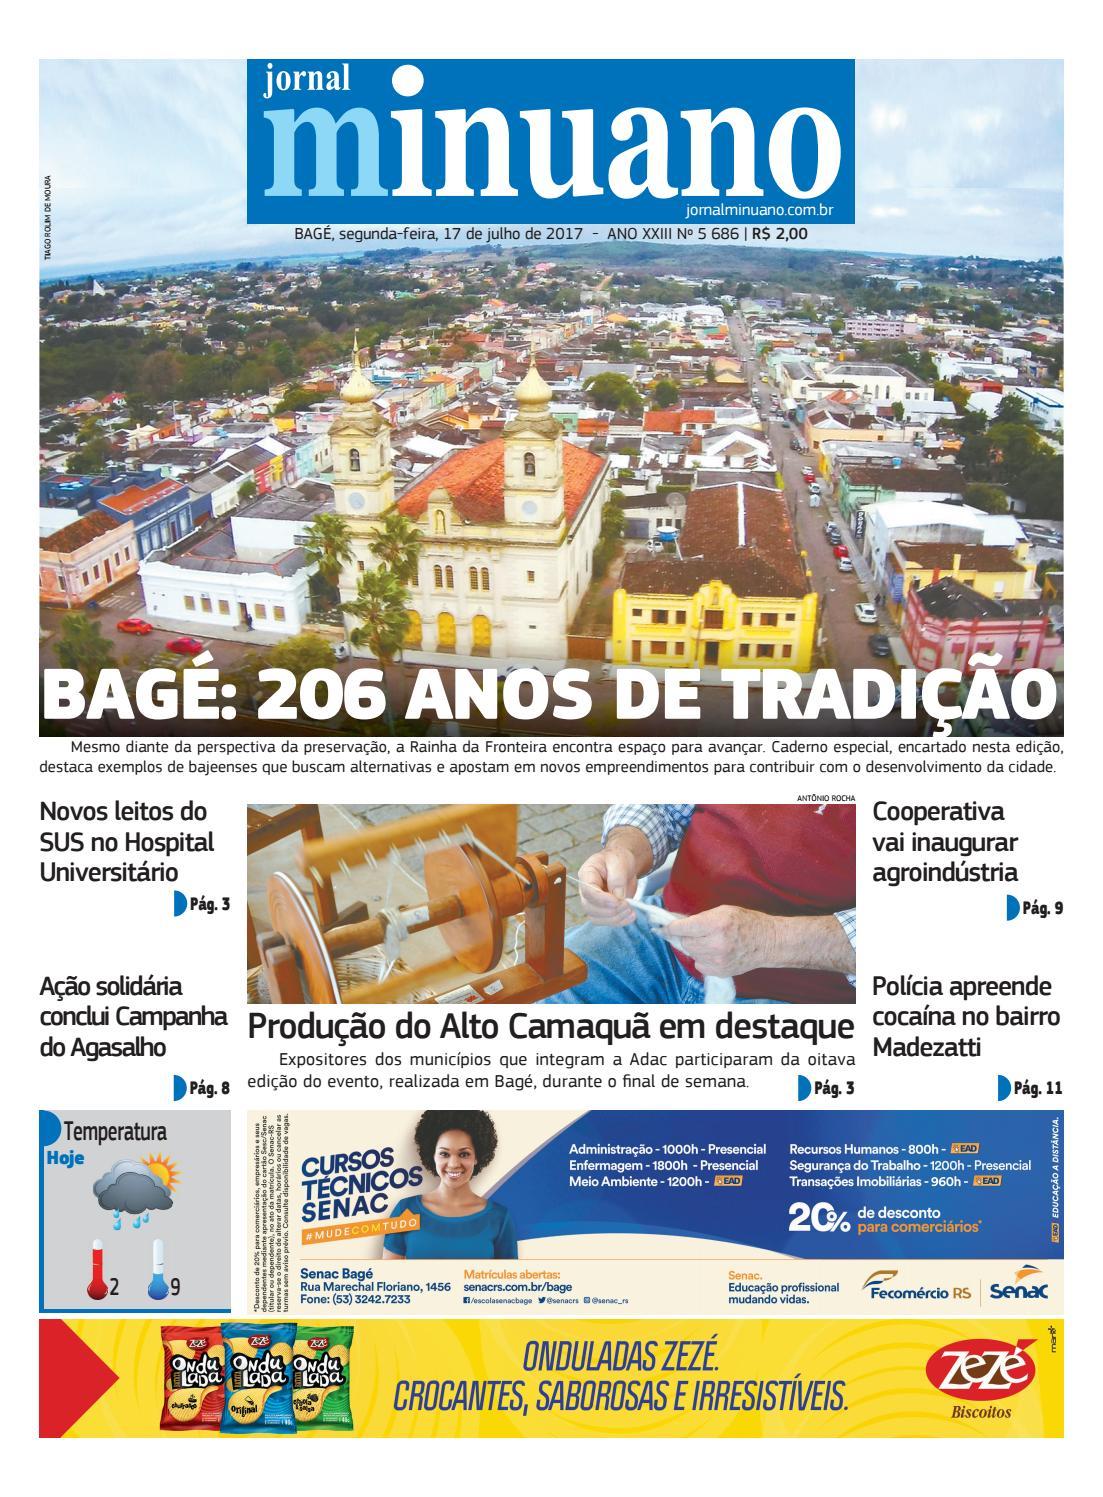 efe43a3f7 20170717 by Jornal Minuano - issuu